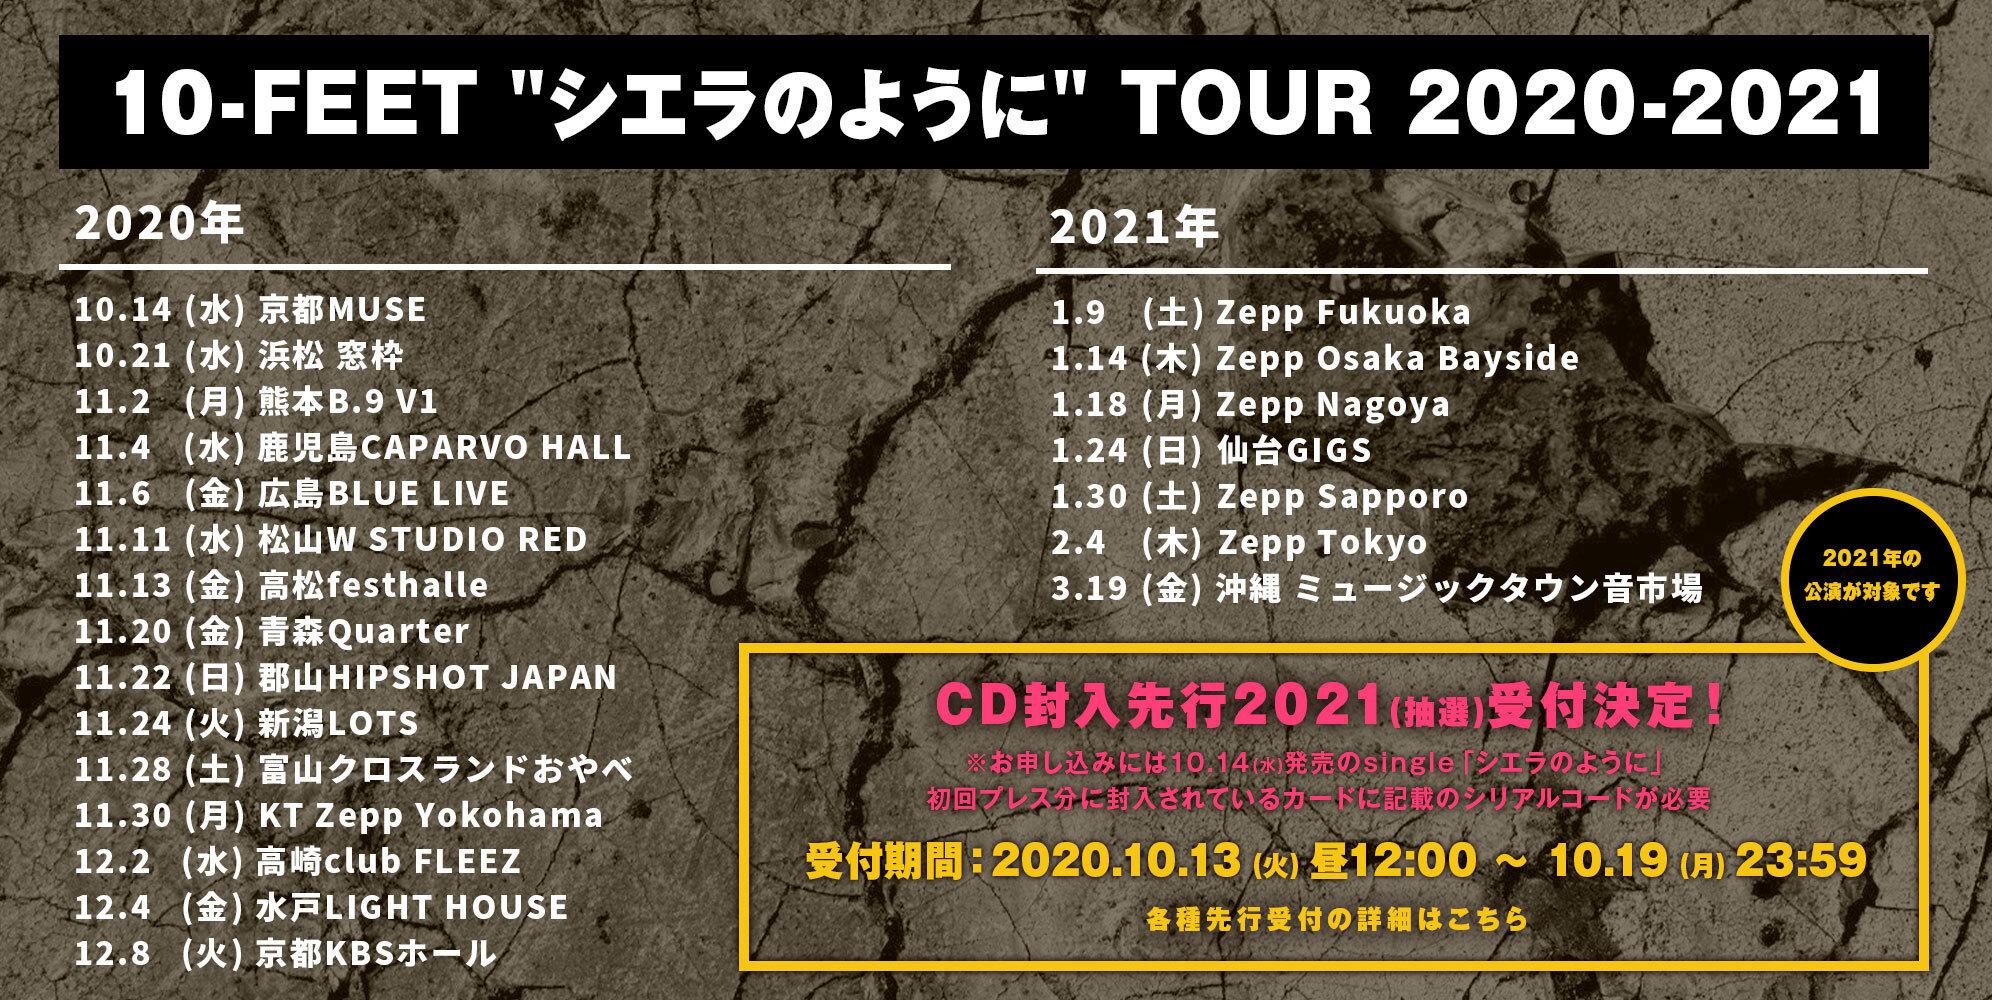 10-feet_top-banner_2020-2021_cd